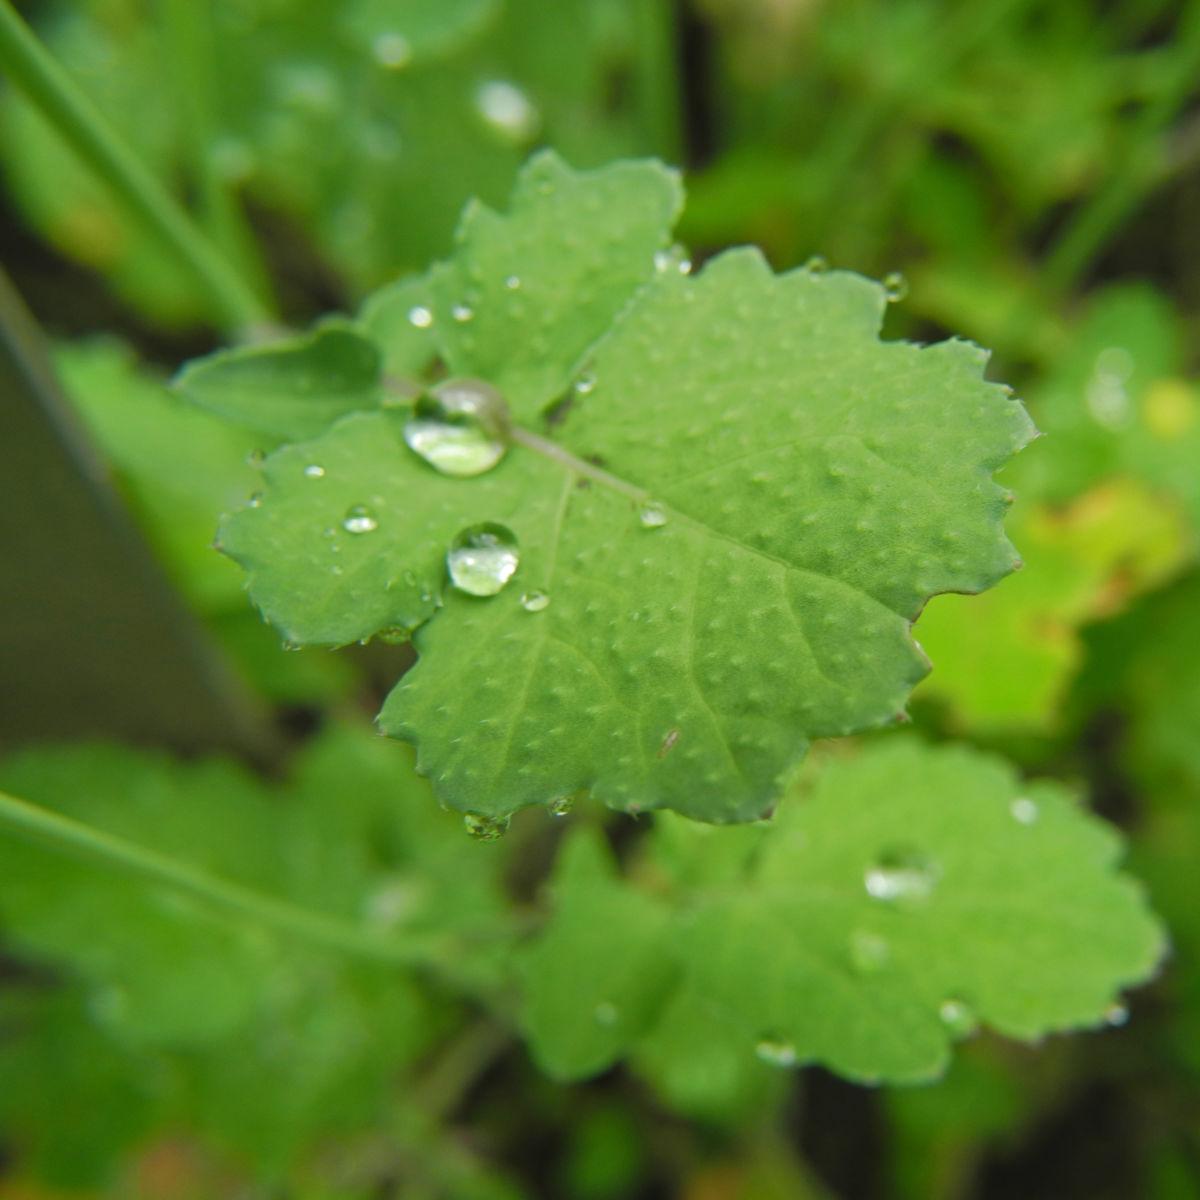 Kleinstrauchiger Kohl Blatt gruen Brassica fruticulosa